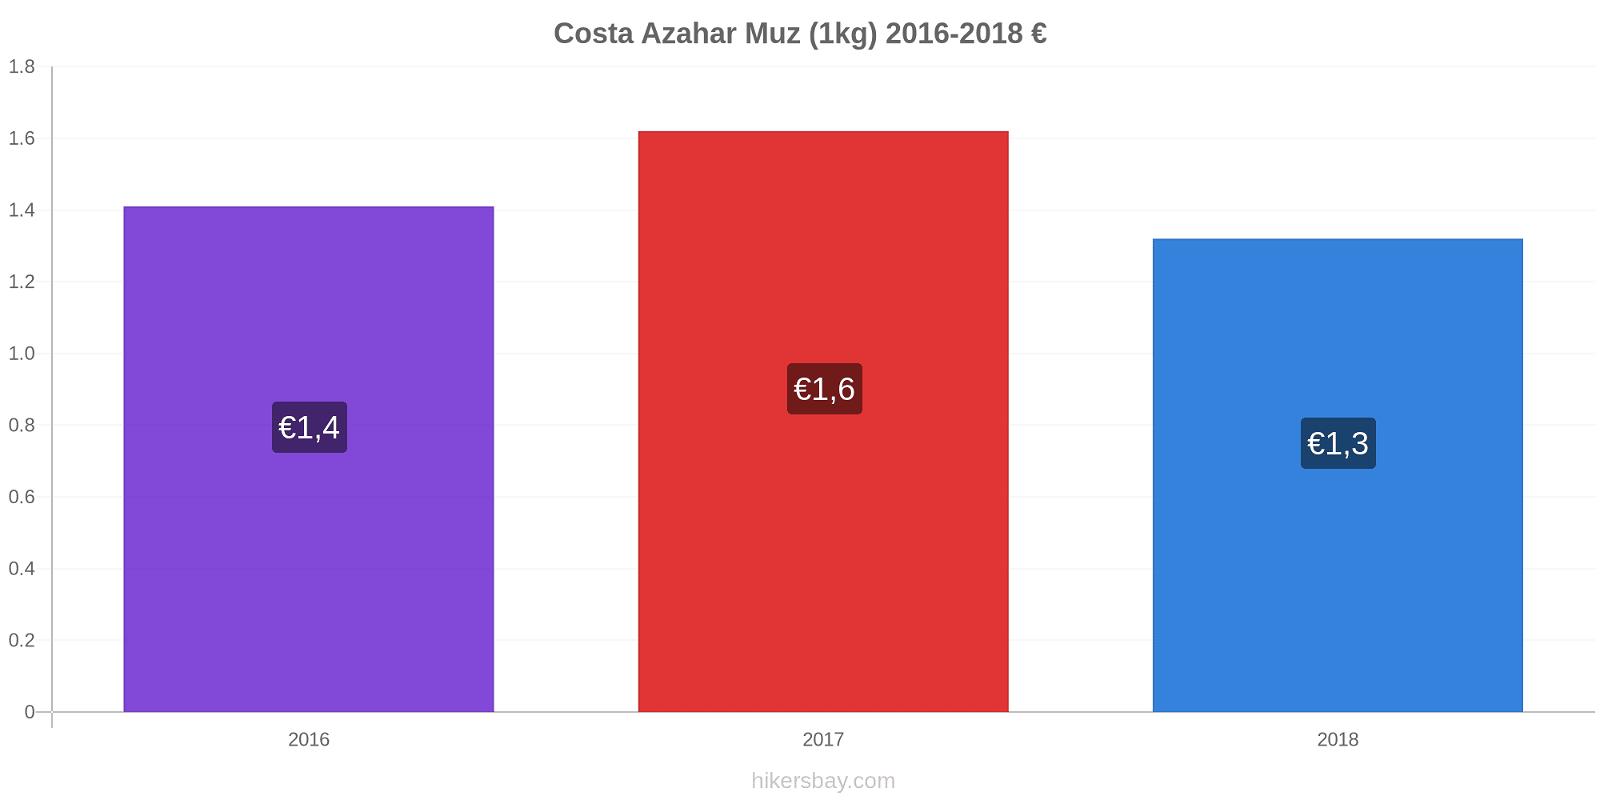 Costa Azahar fiyat değişiklikleri Muz (1kg) hikersbay.com